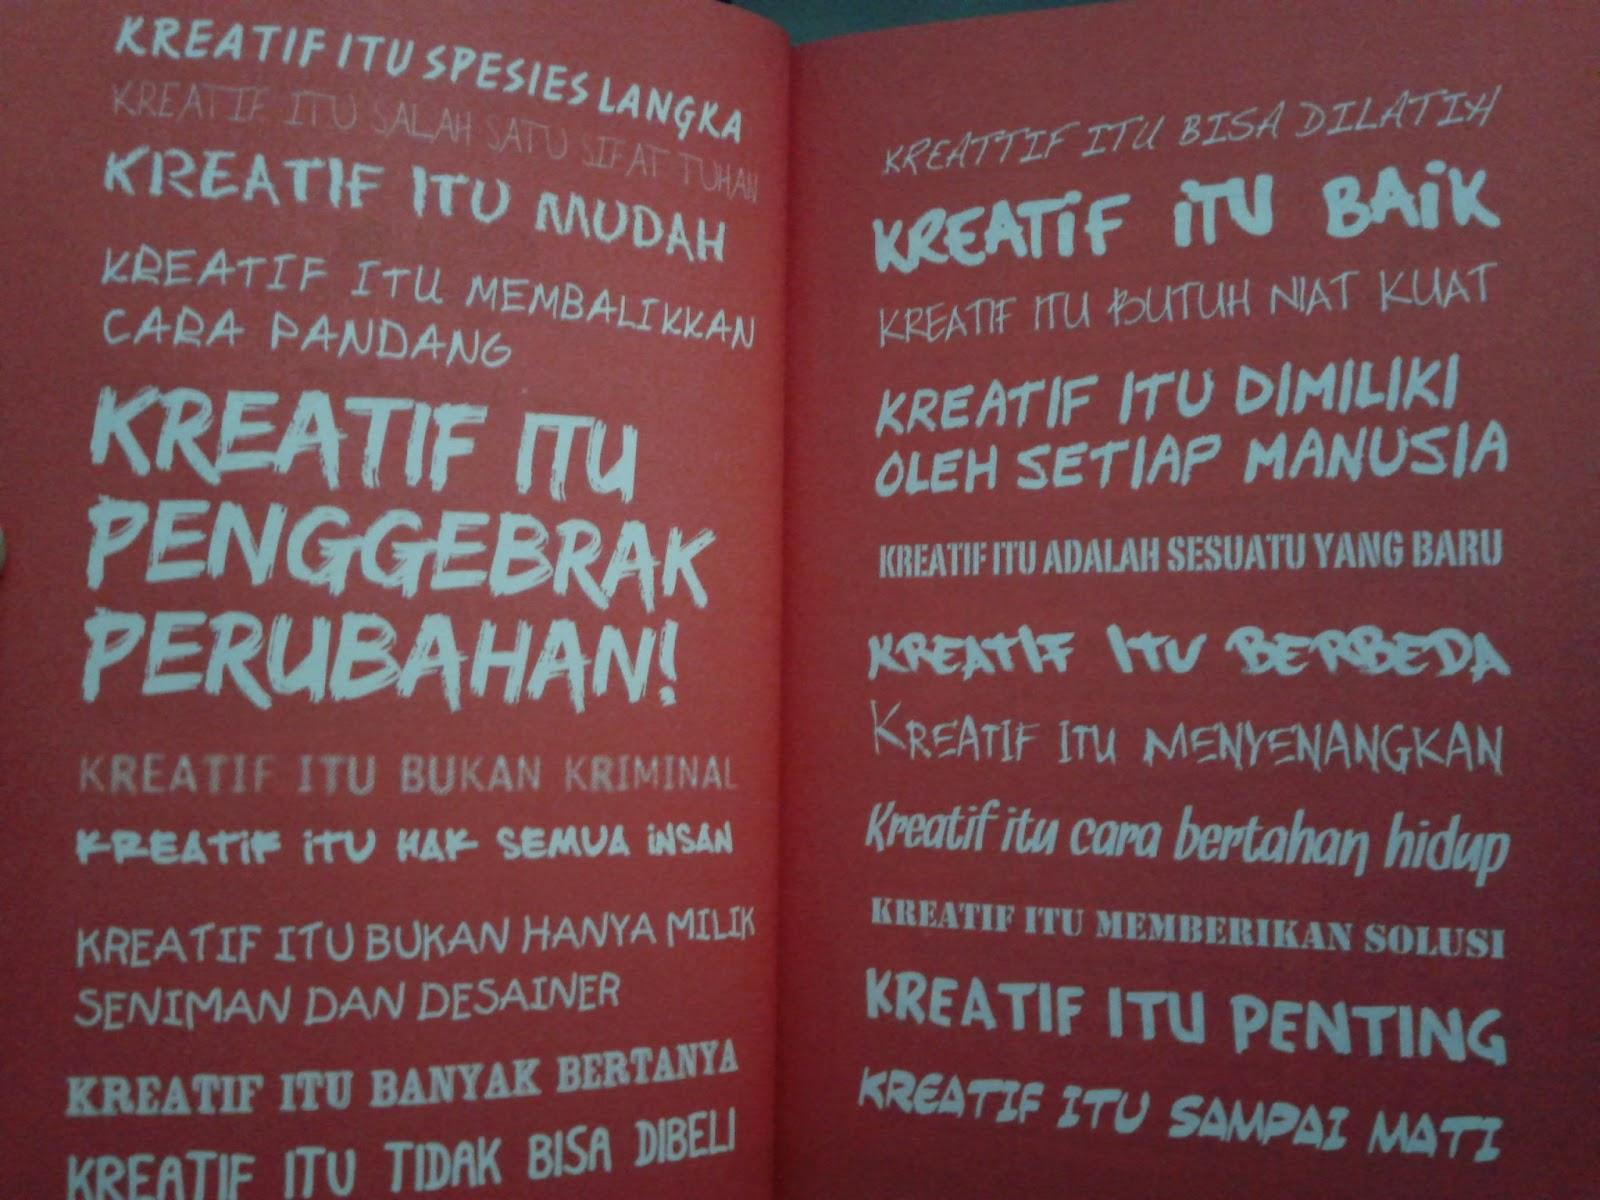 Ebook Kreatif Sampai Mati